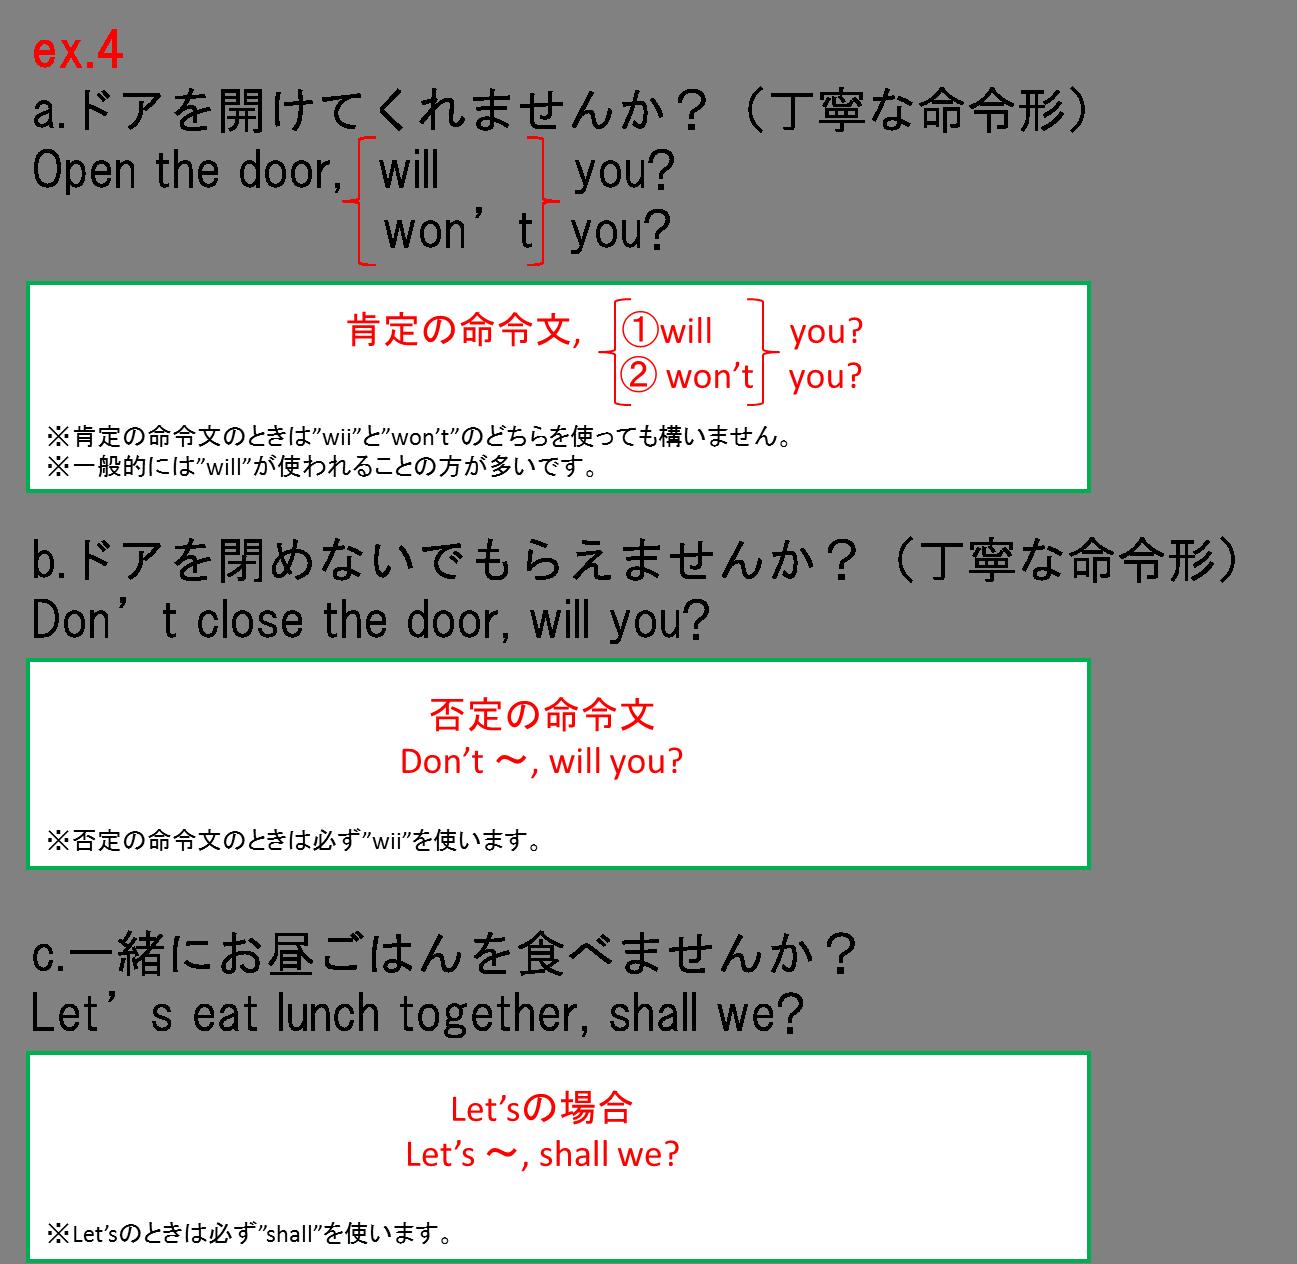 付加疑問文6